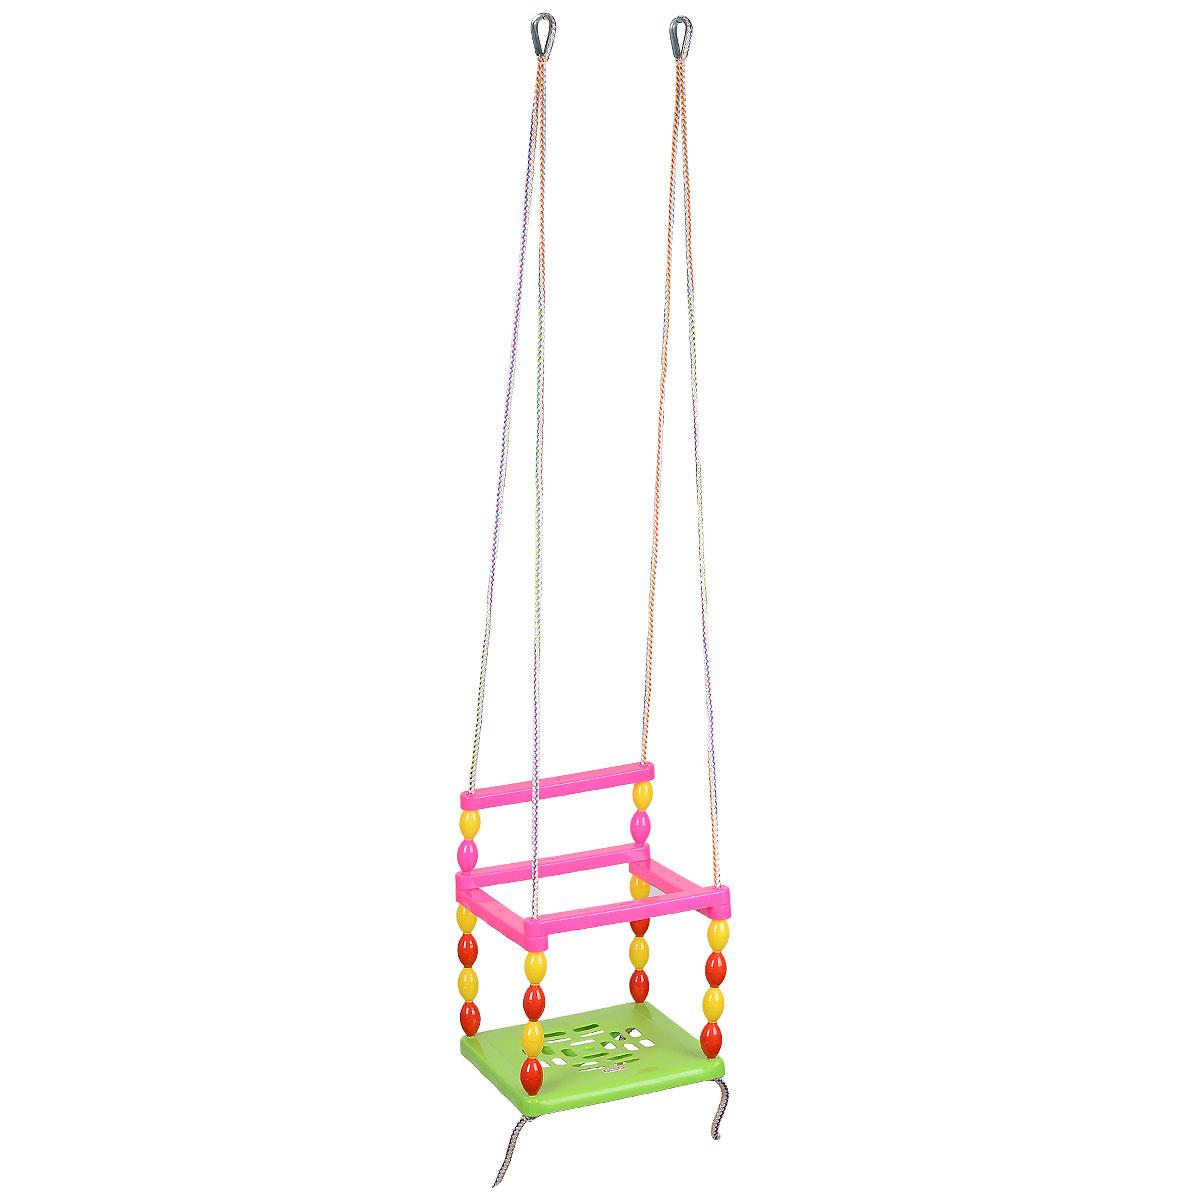 Качели подвесные со спинкой цвет сиденья салатовый01306Теперь детские качели стали еще удобнее, ведь к ним добавлена спинка! Пластмассовые качели можно подвесить во дворе или в доме. Яркая расцветка и удобный дизайн сделают их любимым развлечением ребенка. Качели собираются из разноцветных пластиковых трубок. Надежная конструкция не даст ребенку выпасть во время качания, а нейлоновые веревки, на которых качели подвешиваются к дверному проему или специальной стойке, с легкостью выдержат вес малыша. Детские подвесные качели очень удобны и просты в применении. Кольца для подвешивания выполнены из металла. Эти качели можно использовать дома, а также взять с собой на дачу, на пикник. Максимальная нагрузка 66 + 3 кг.